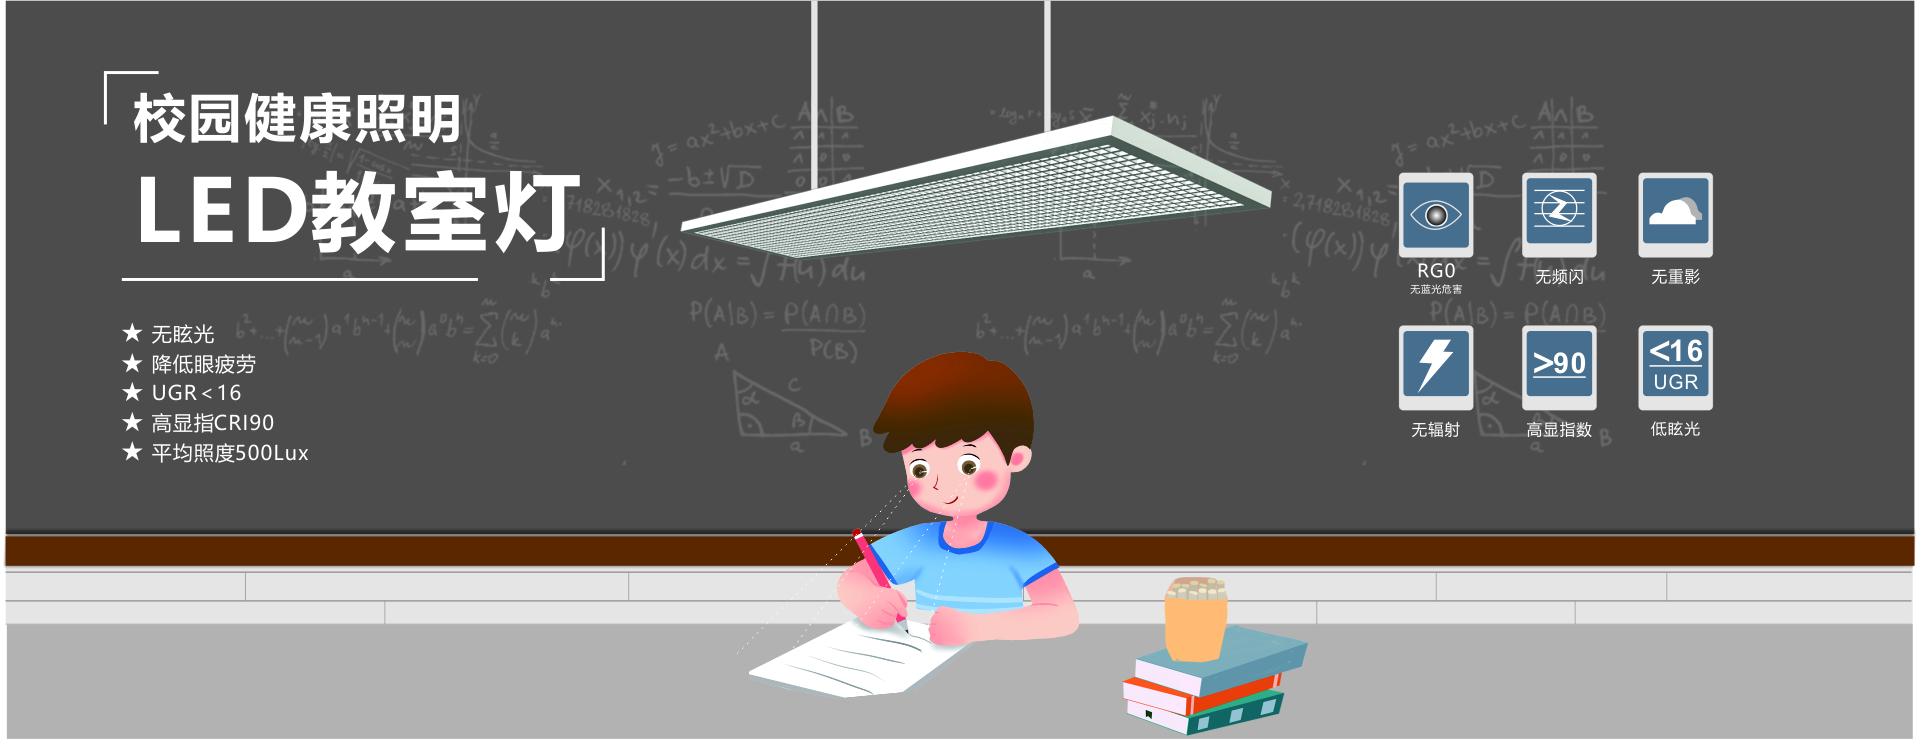 科瑞普P39教室灯 -bannar1